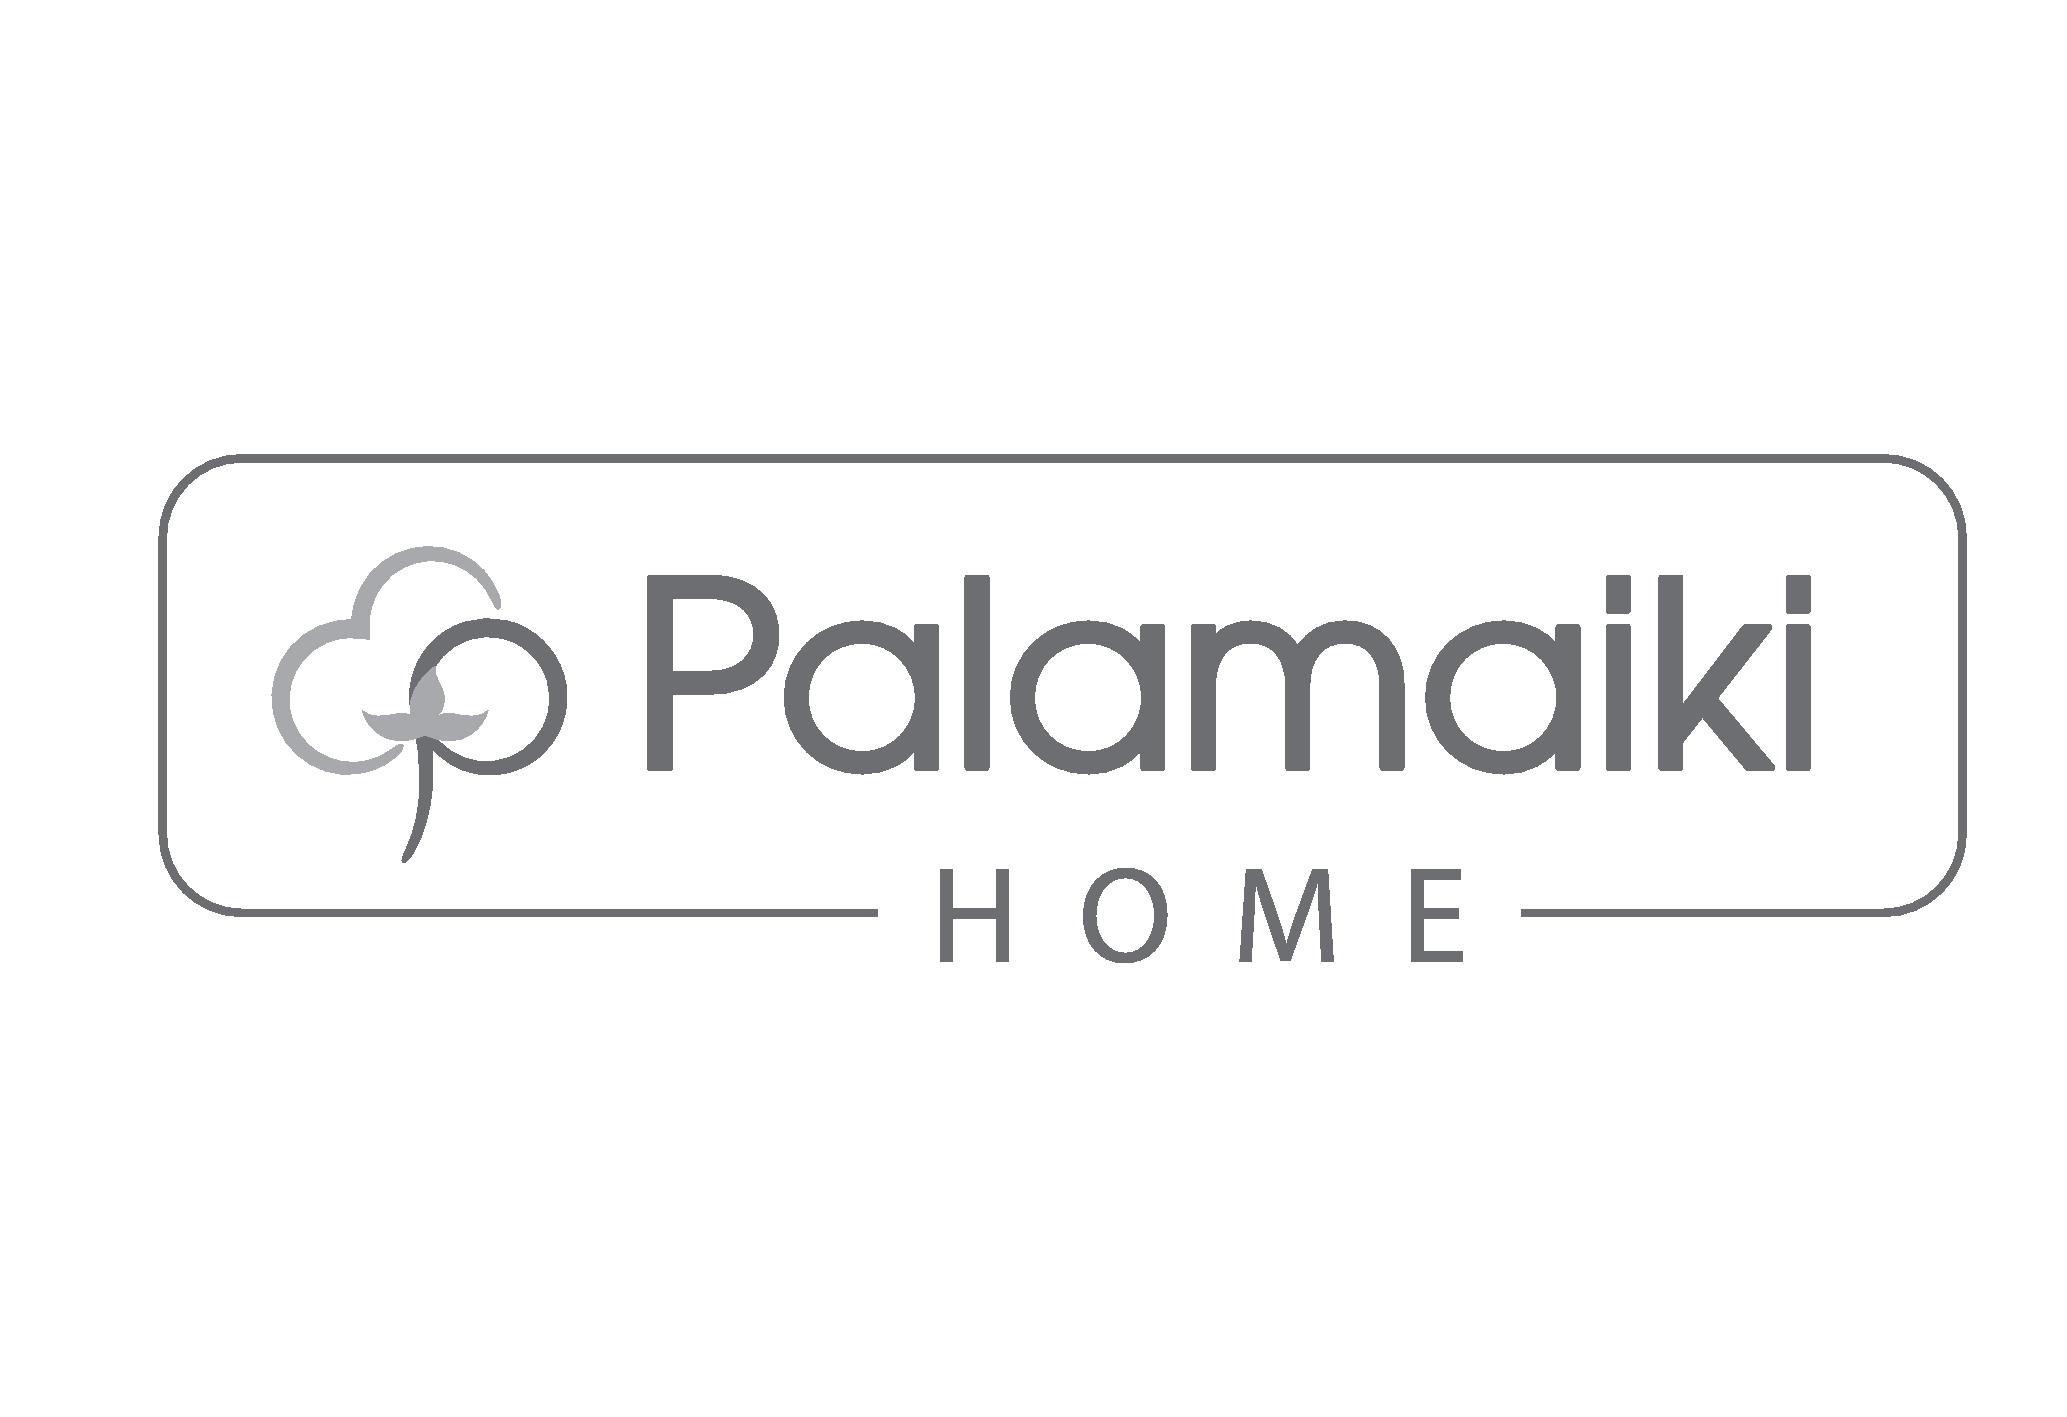 Λευκά Είδη από την εταιρεία Palamaiki. Νέες Συλλογές & Προσφορές. Δωρεάν Αποστολή άνω των 35€